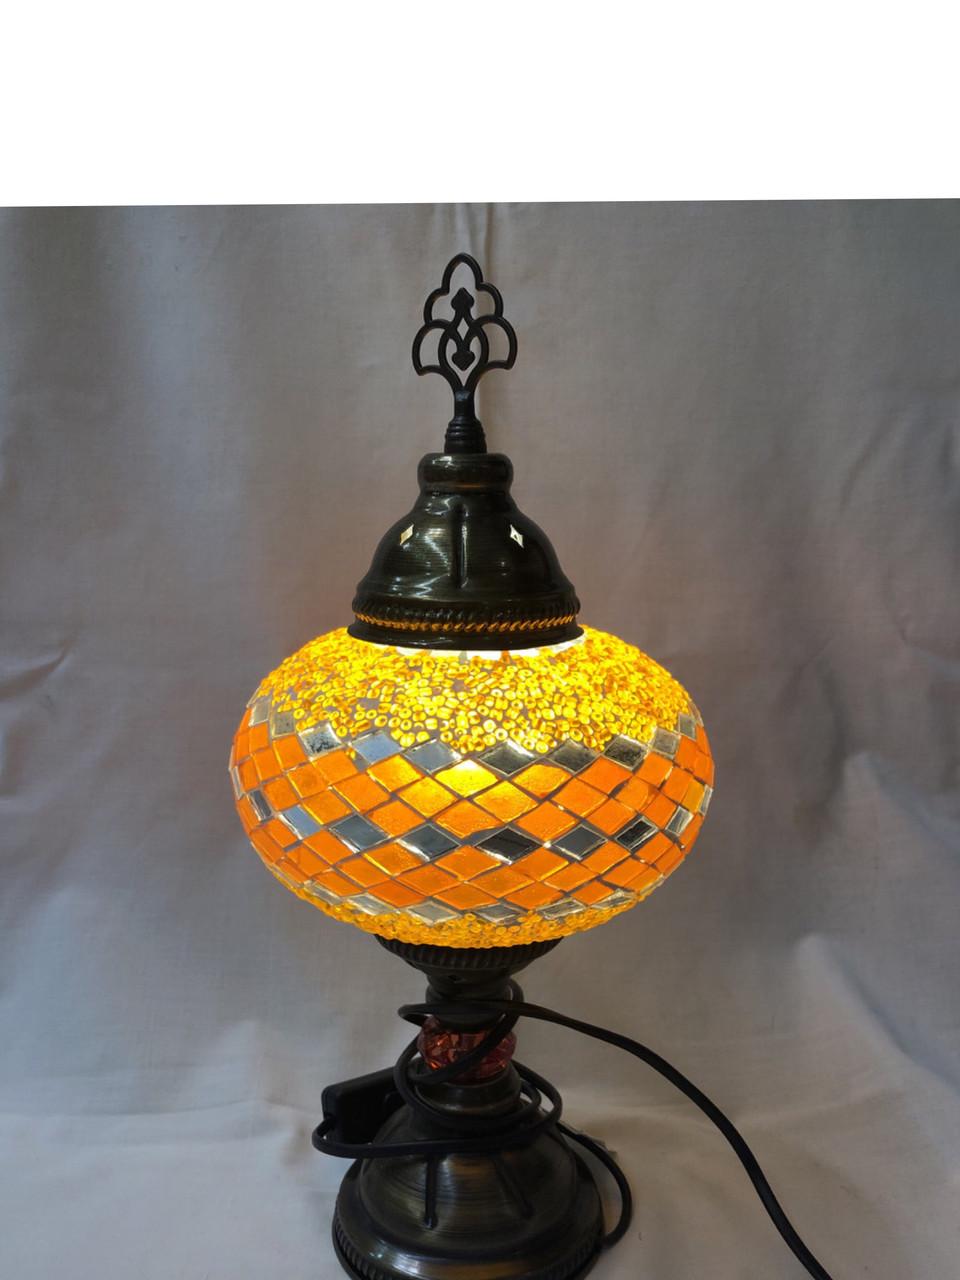 Настольный турецкий светильник Sinan из мозаики ручной работы оранжевый